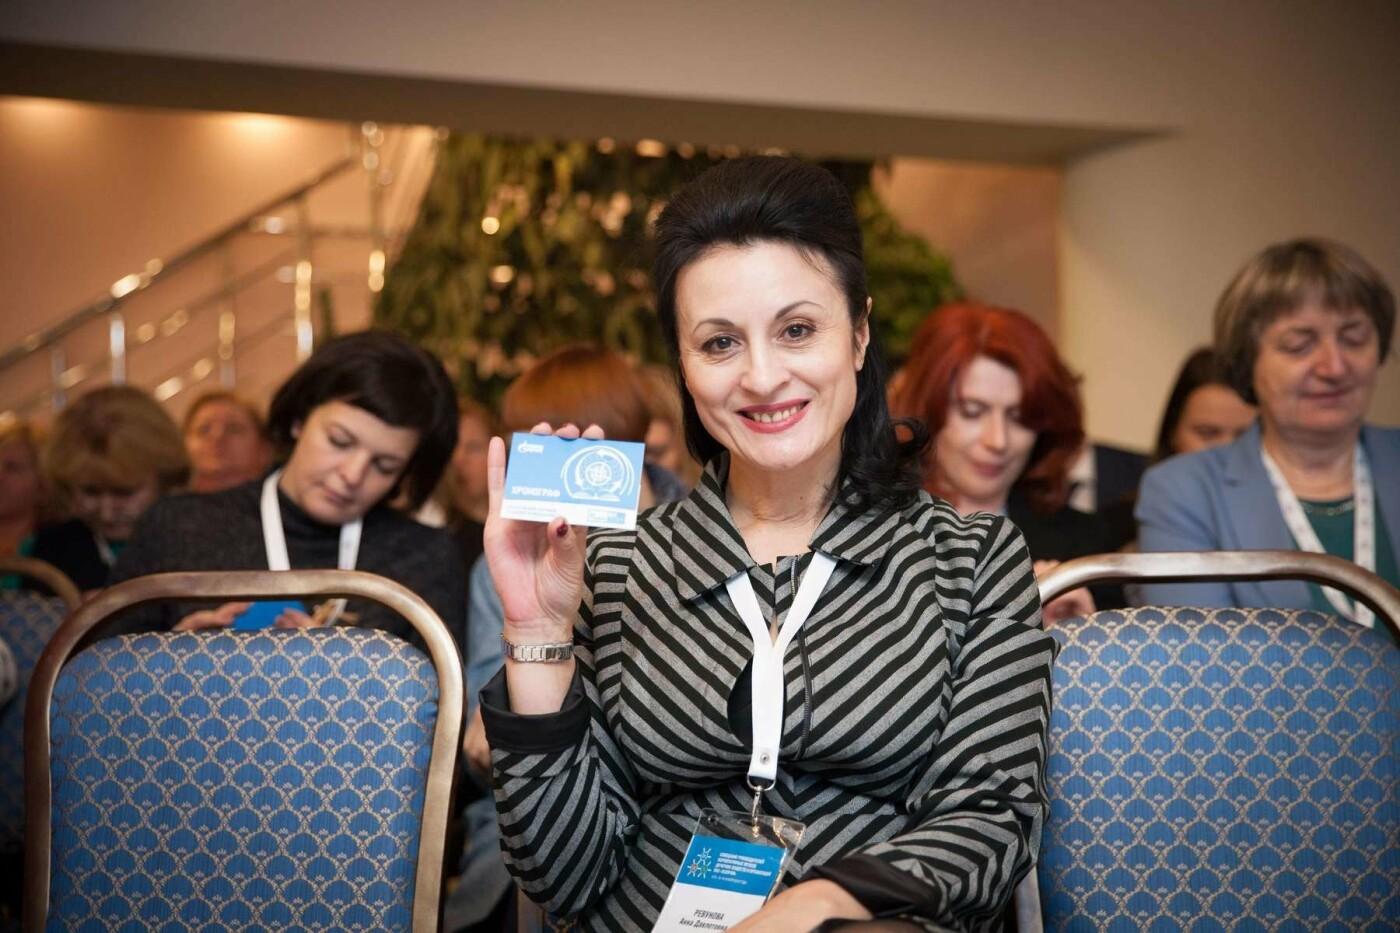 На презентации новой редакции мультимедийного проекта ПАО «Газпром», Фото предоставлено пресс-службой ПАО «Газпром»